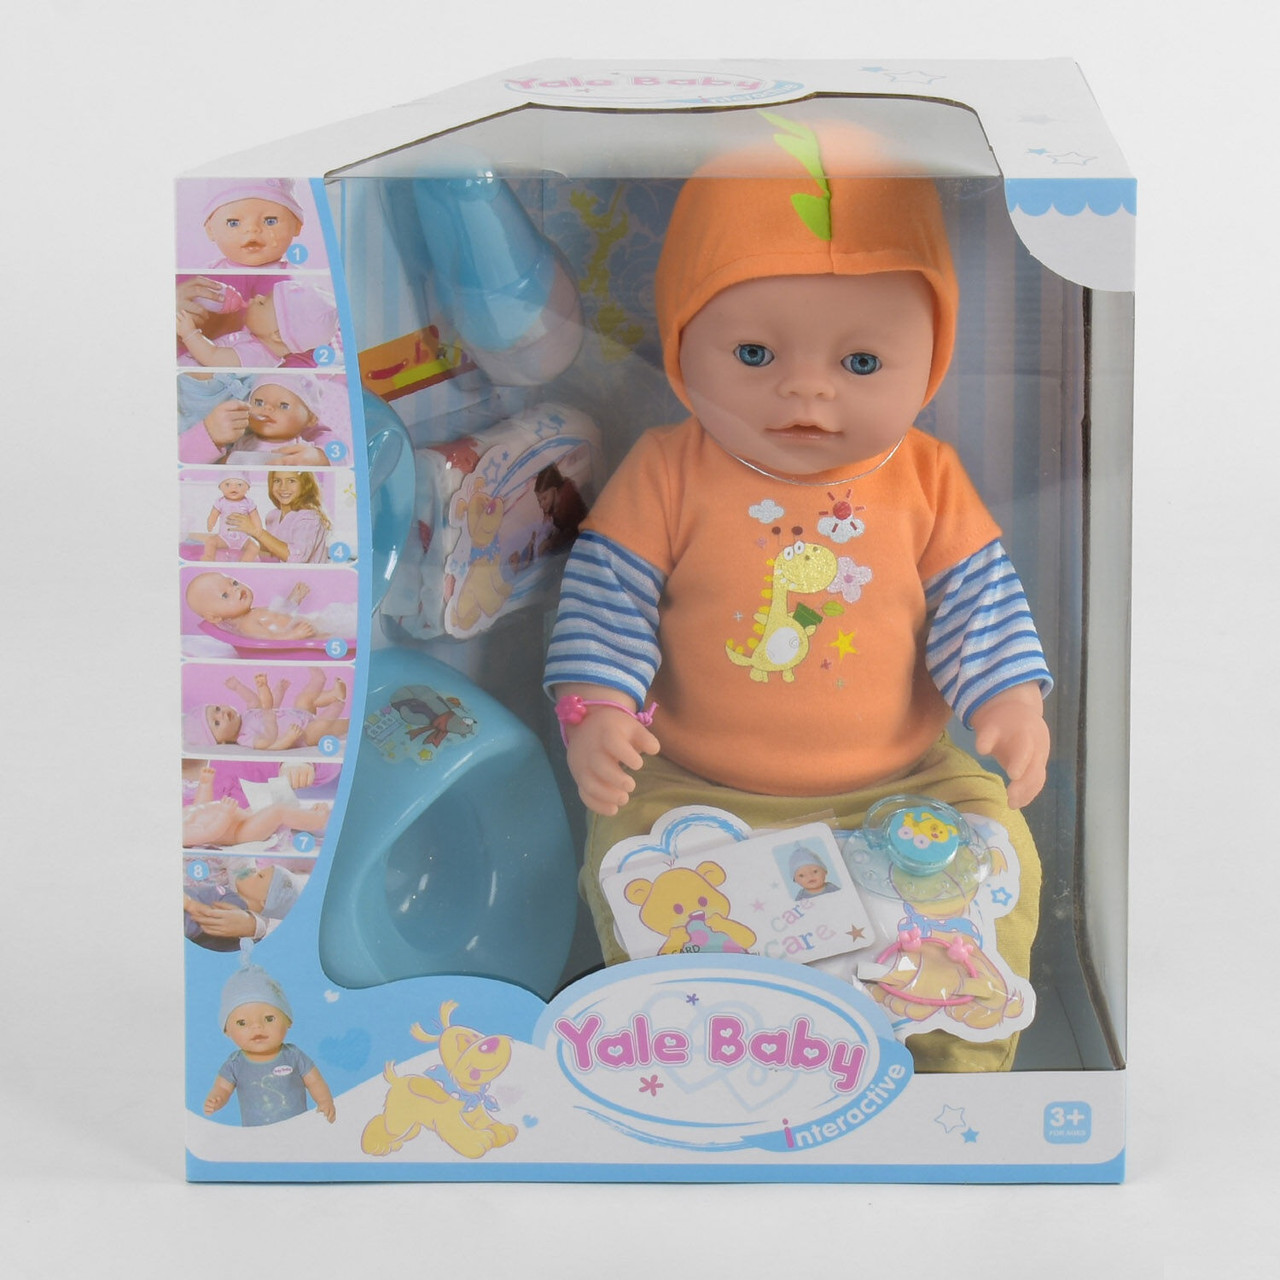 Пупс функциональный с аксессуарами 8 функций в коробке / кукла для дівчинки